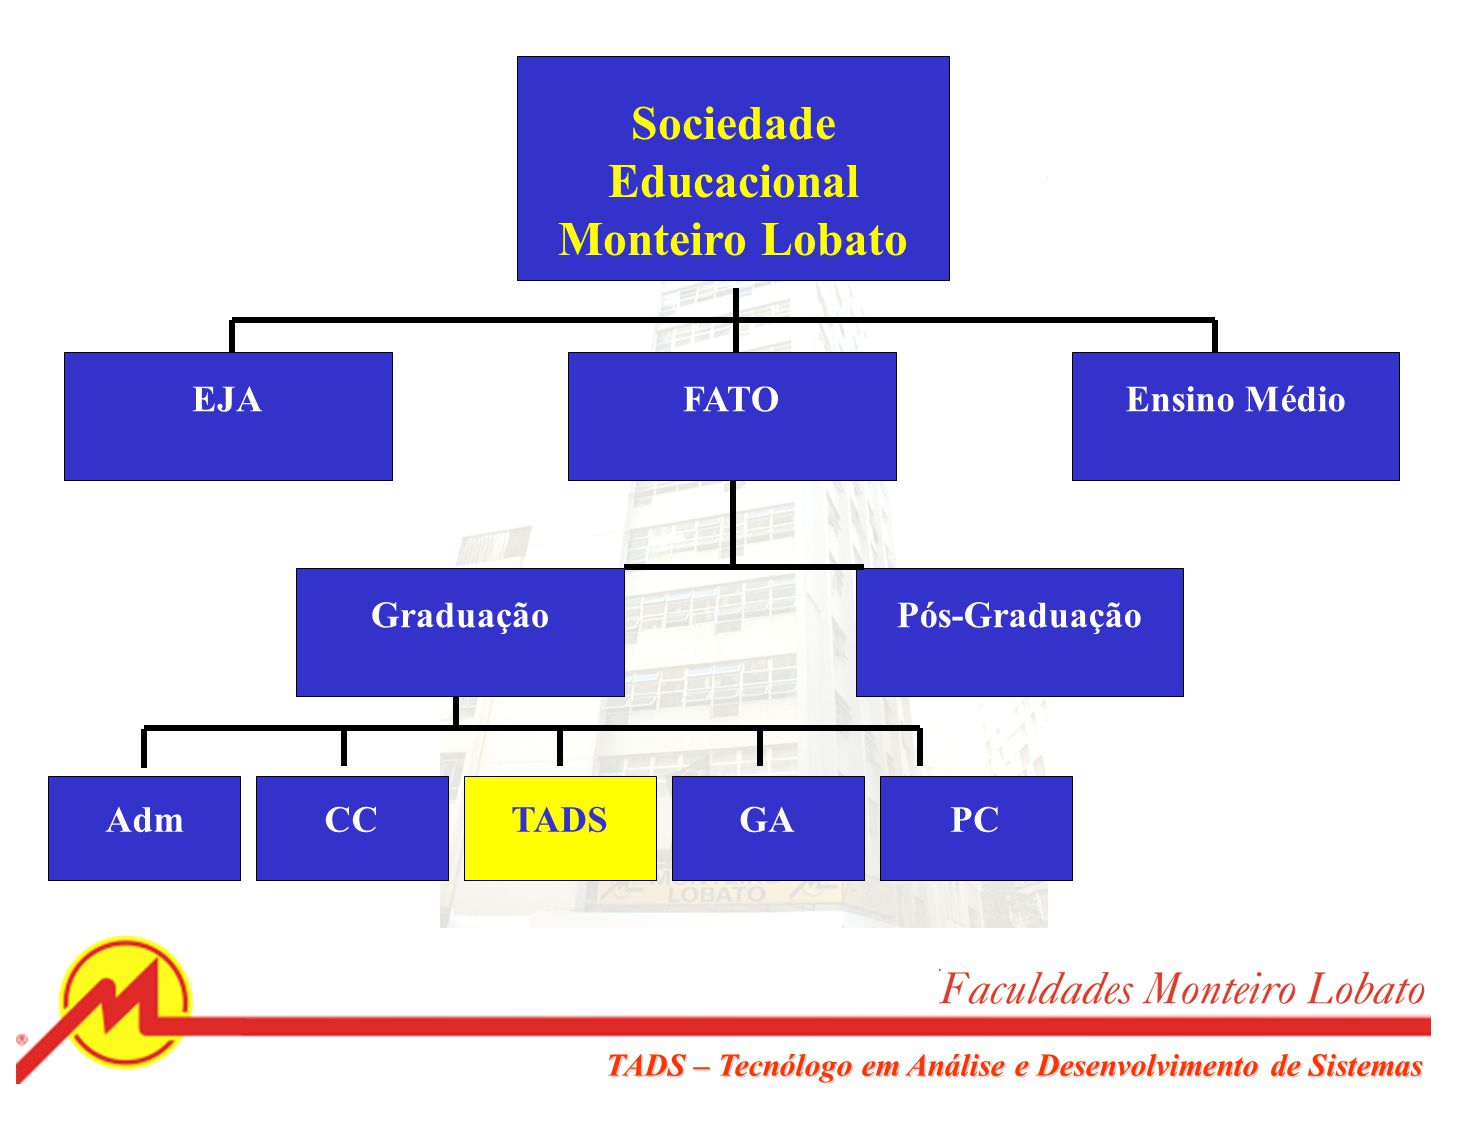 Sociedade Educacional Monteiro Lobato